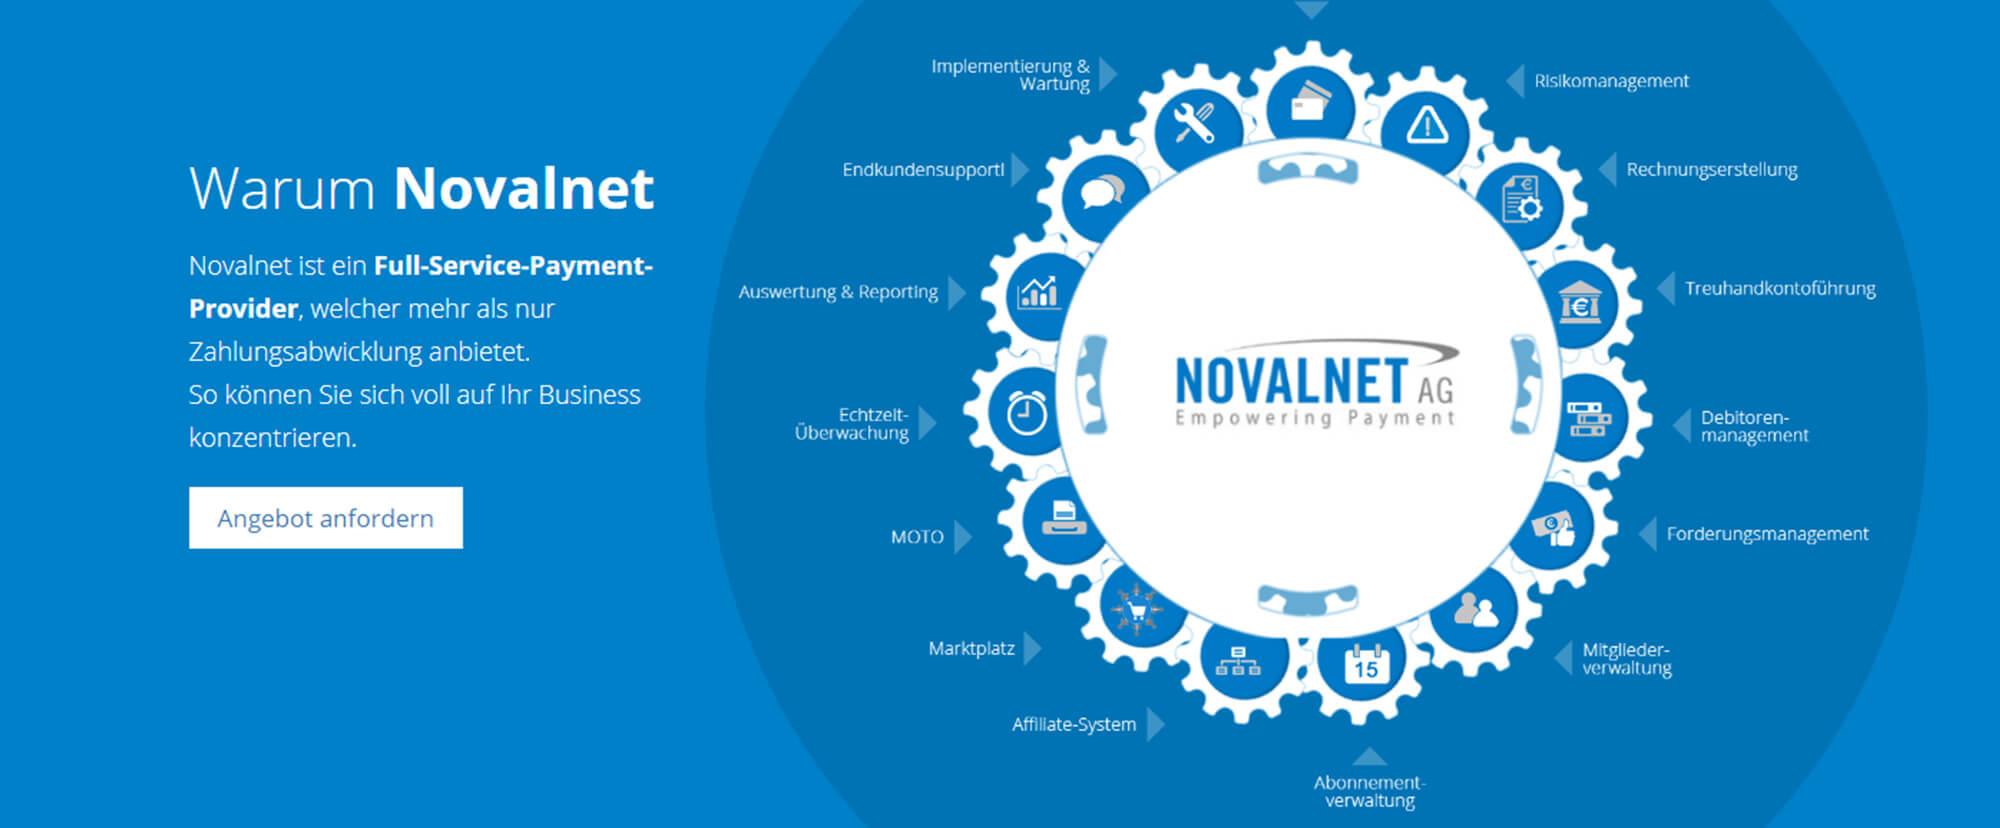 Novalnet service-payment-provider